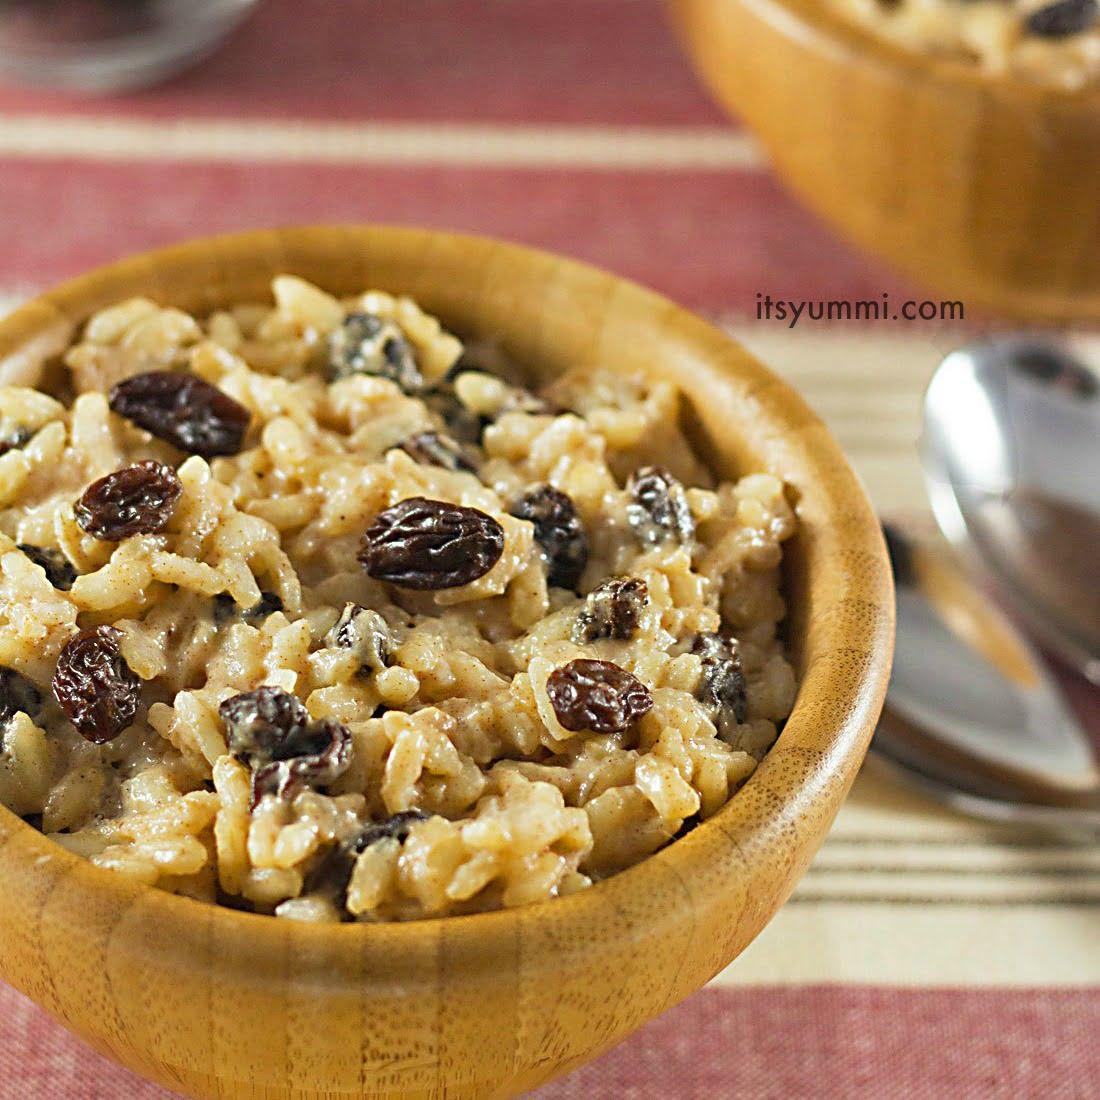 Easy Eggnog-Raisin Rice Pudding